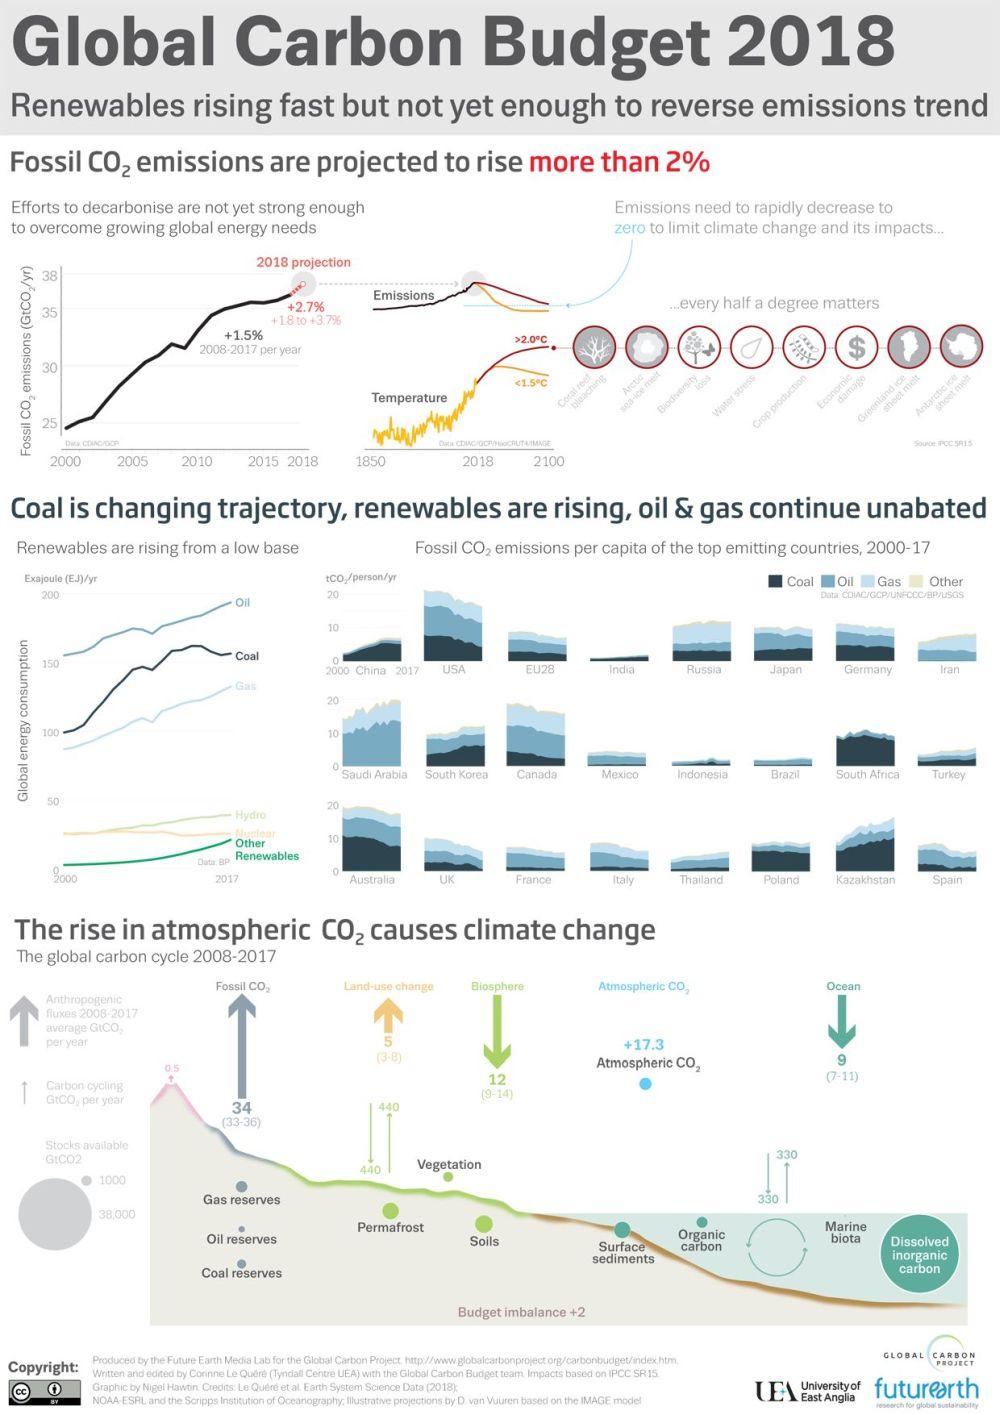 emissões de CO2 em 2018